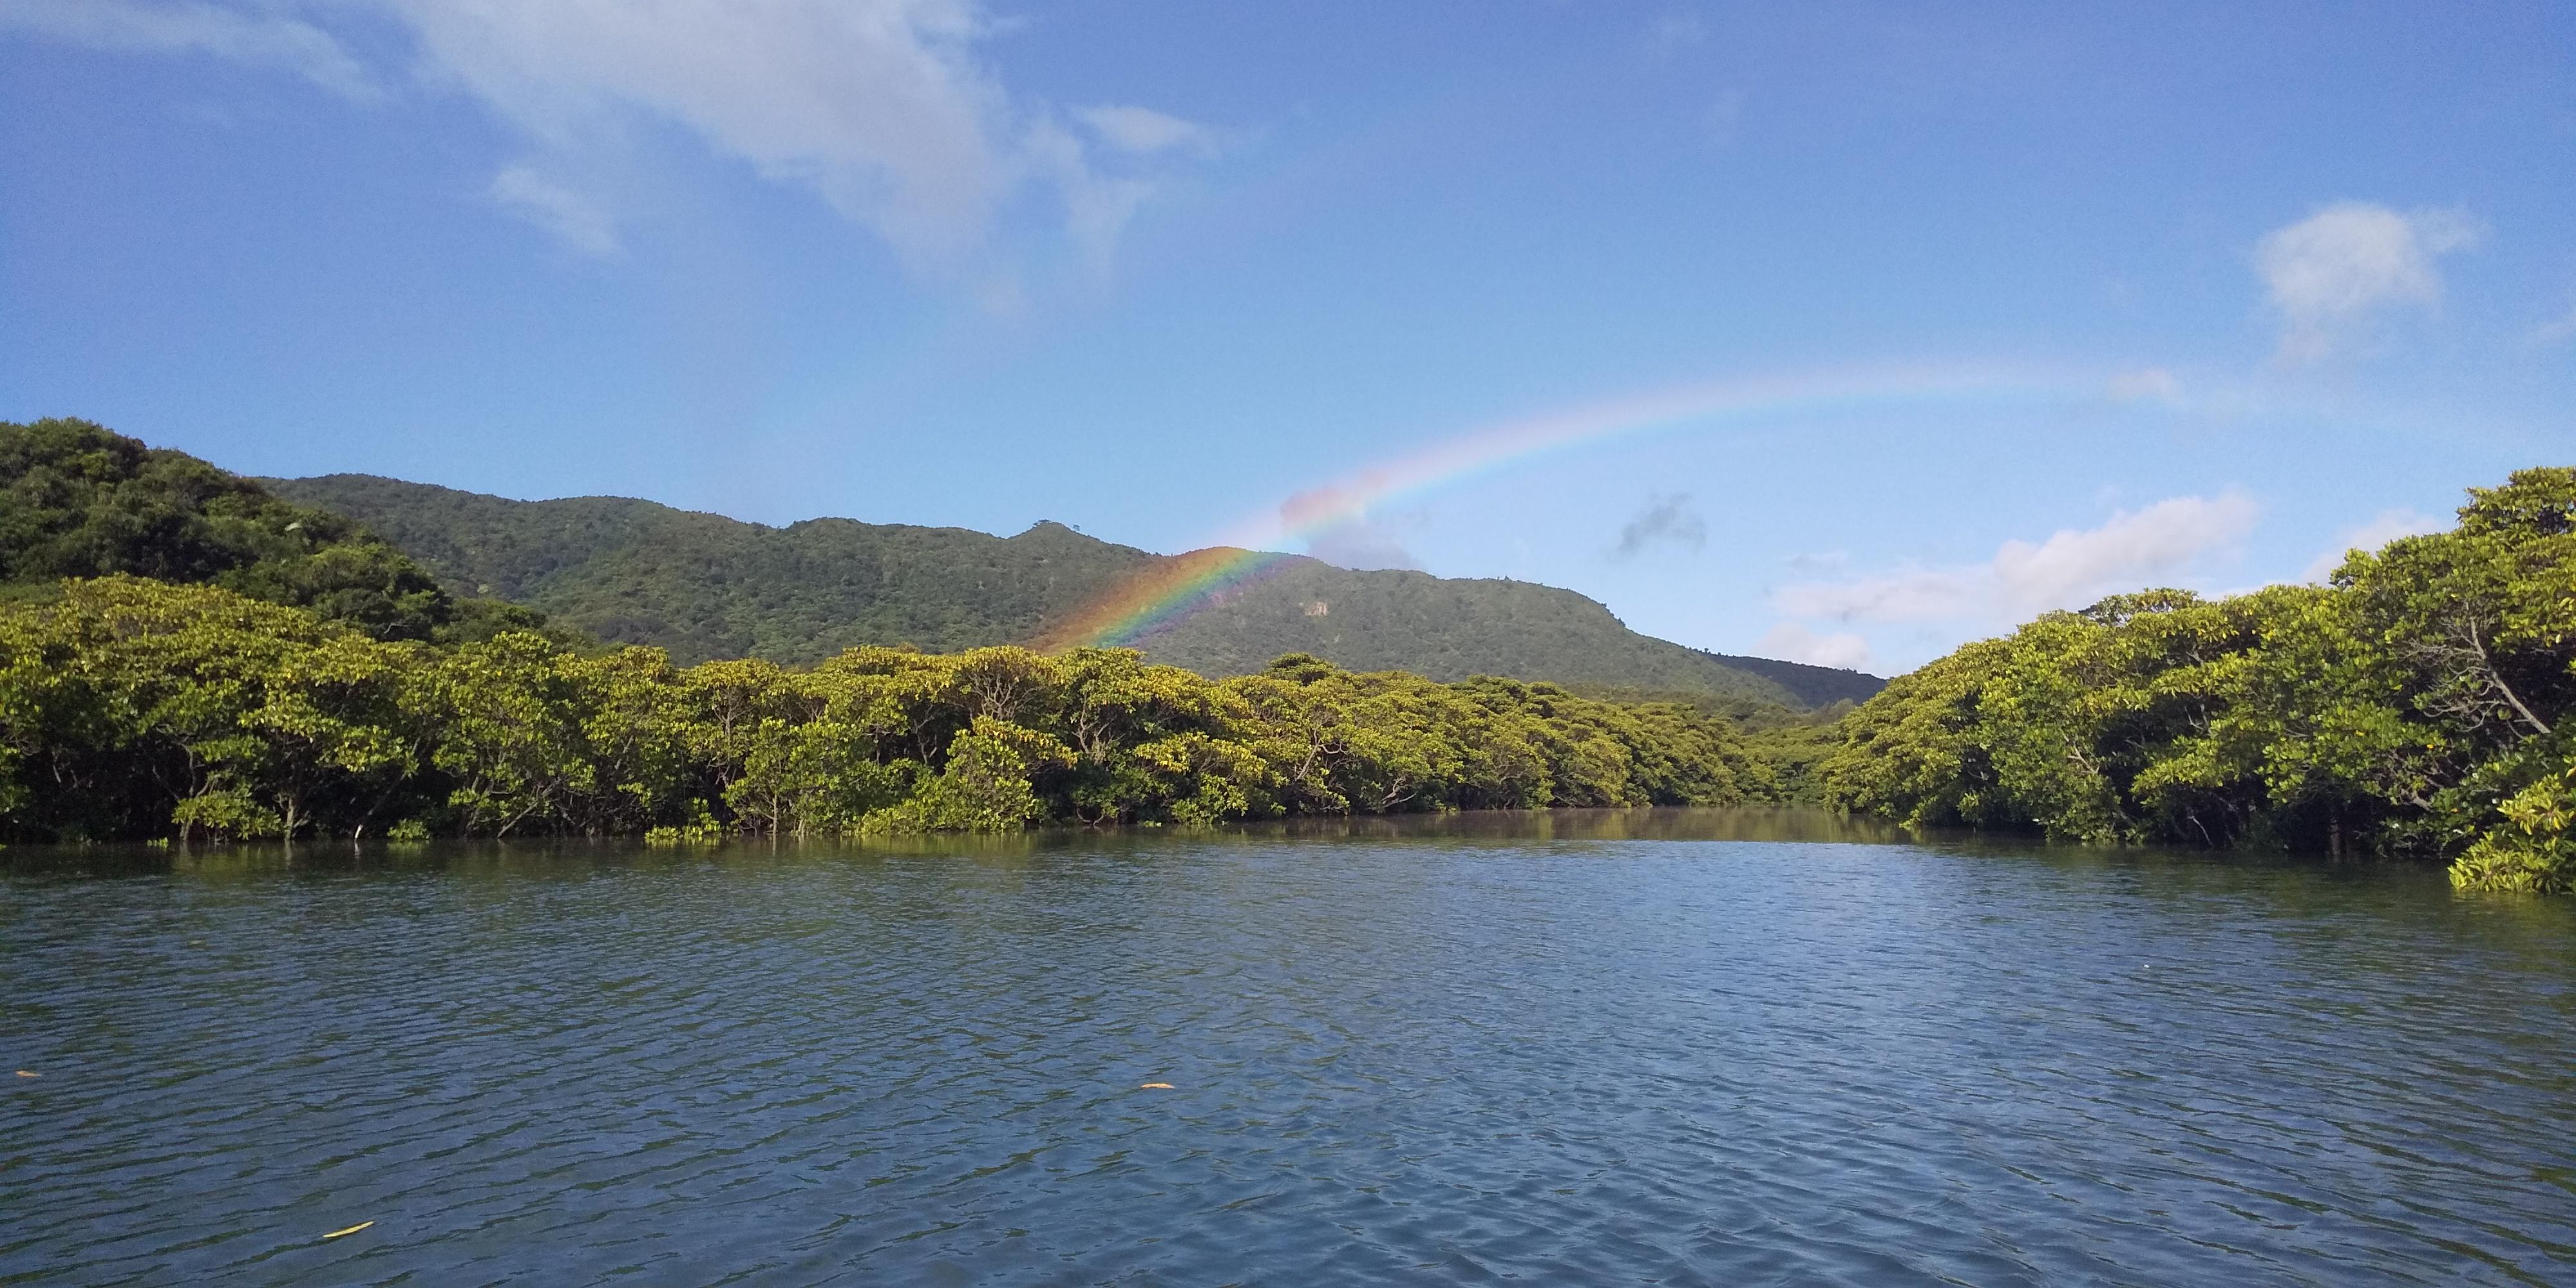 ピナイ川に架かる虹